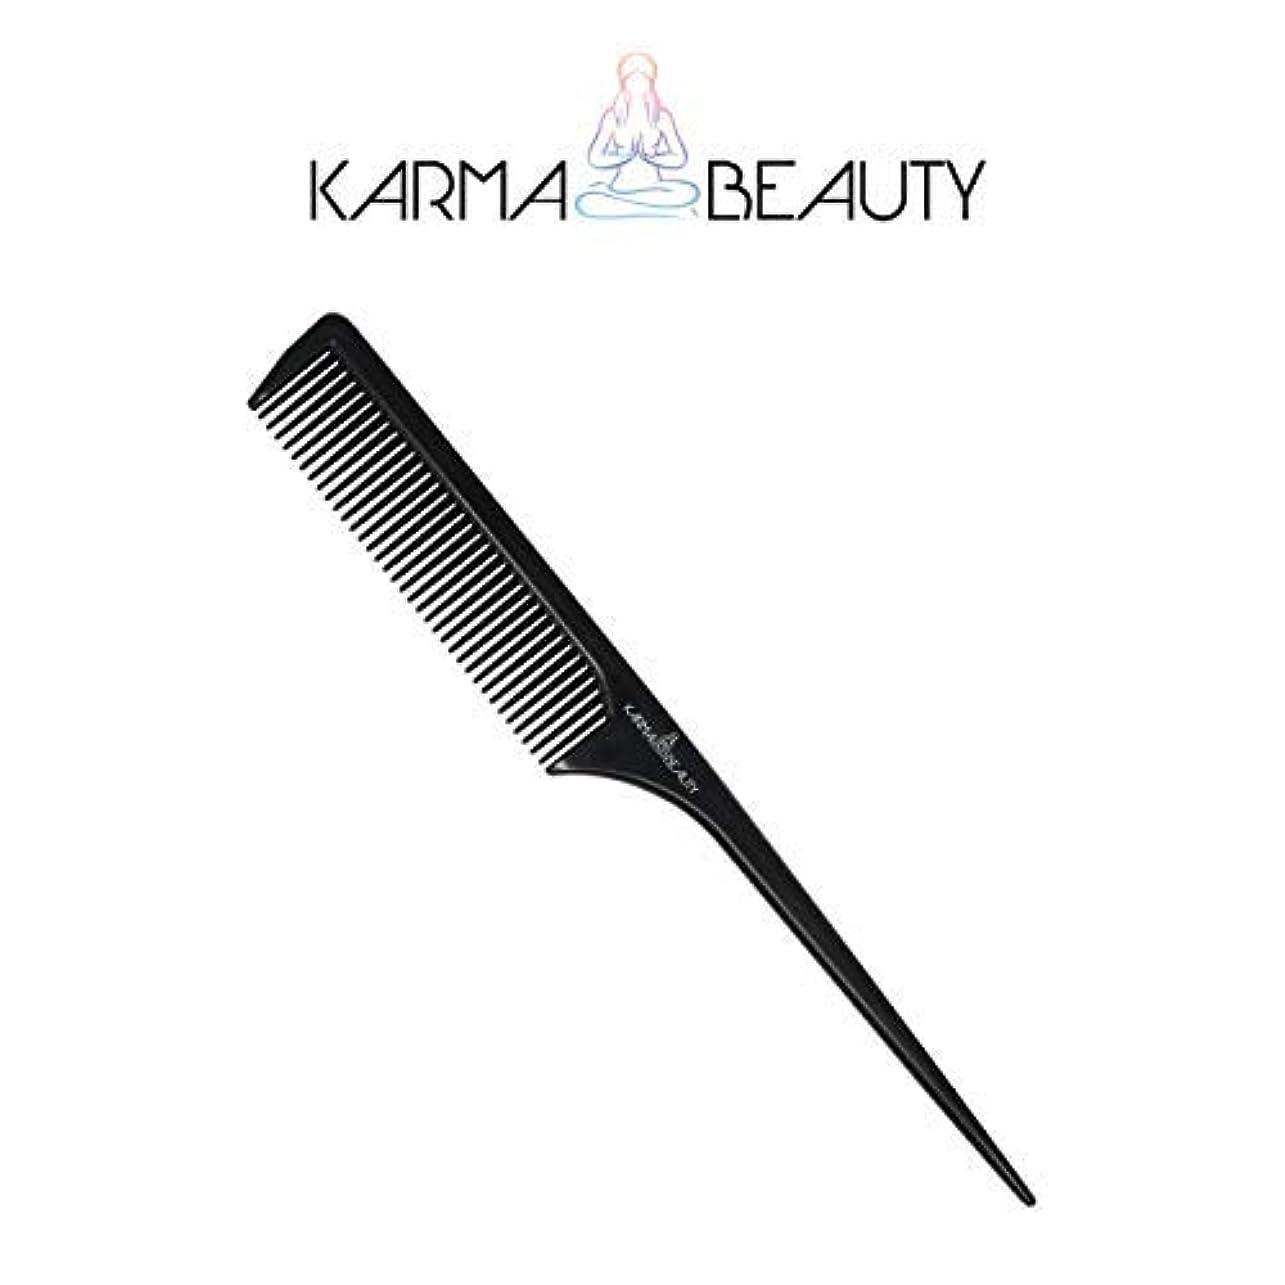 歯車適性圧倒するTail Comb | Fine Tooth Hair Comb | Thin and Long Handle | Teasing Comb | For All Hair Type | Karma Beauty | (Black) [並行輸入品]